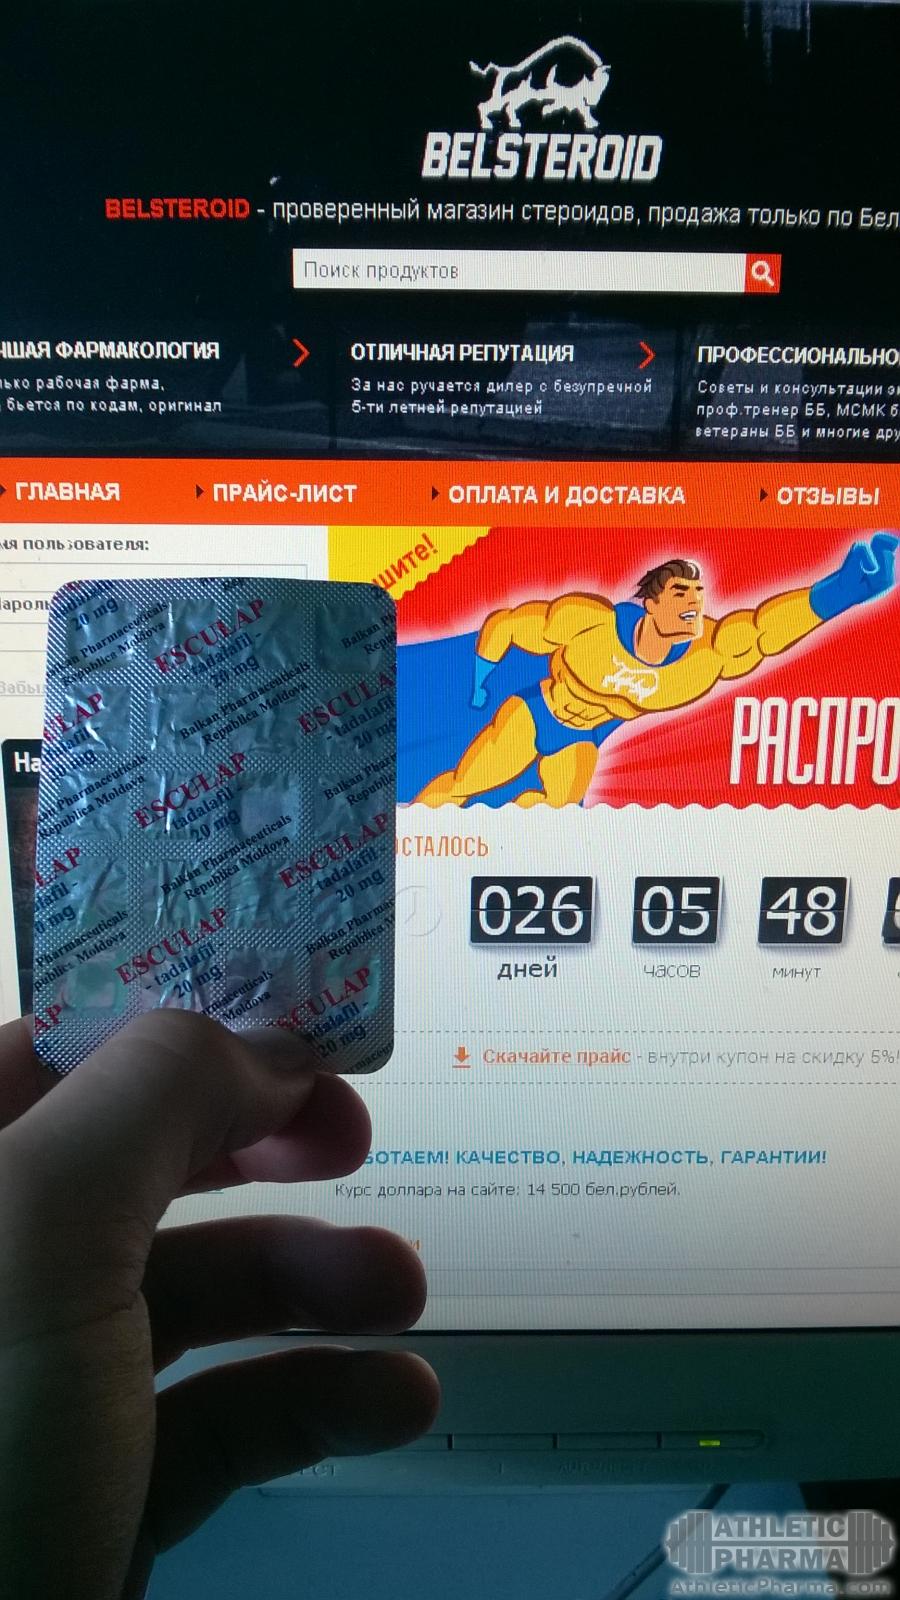 gallery_6904_2_960732.jpg